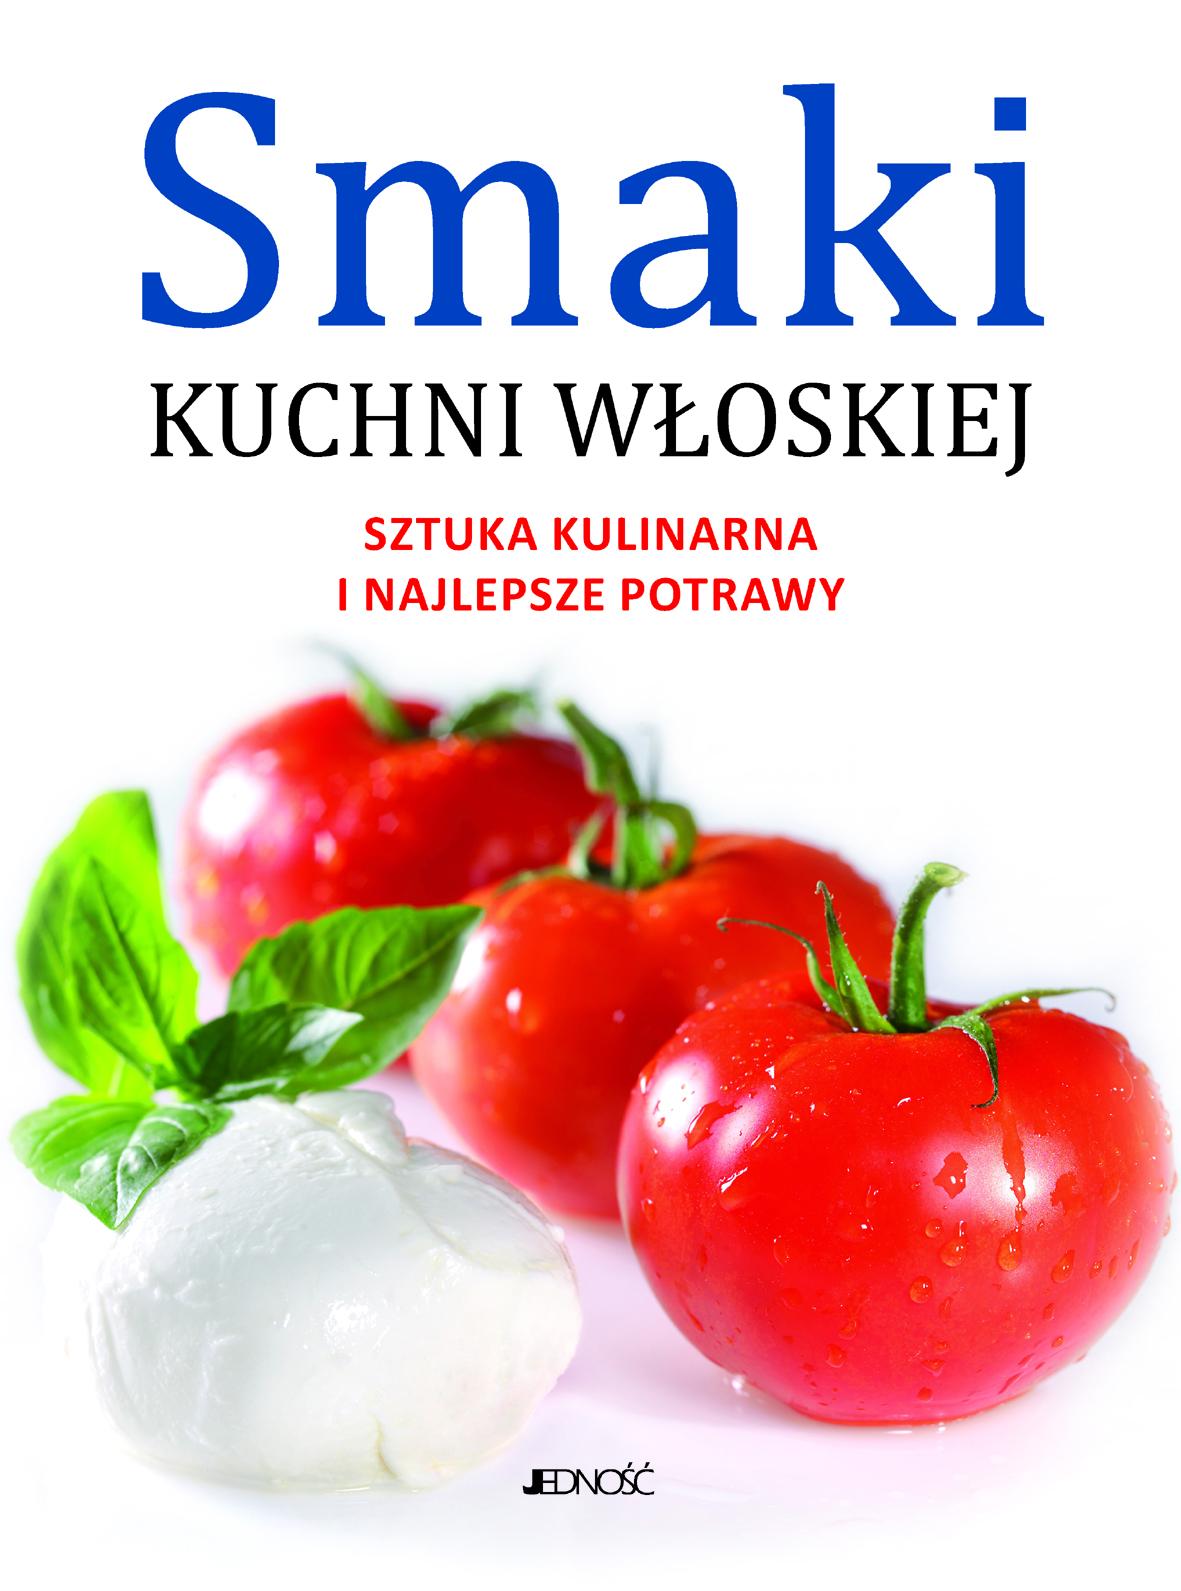 Books for Cooks: Smaki kuchni włoskiej